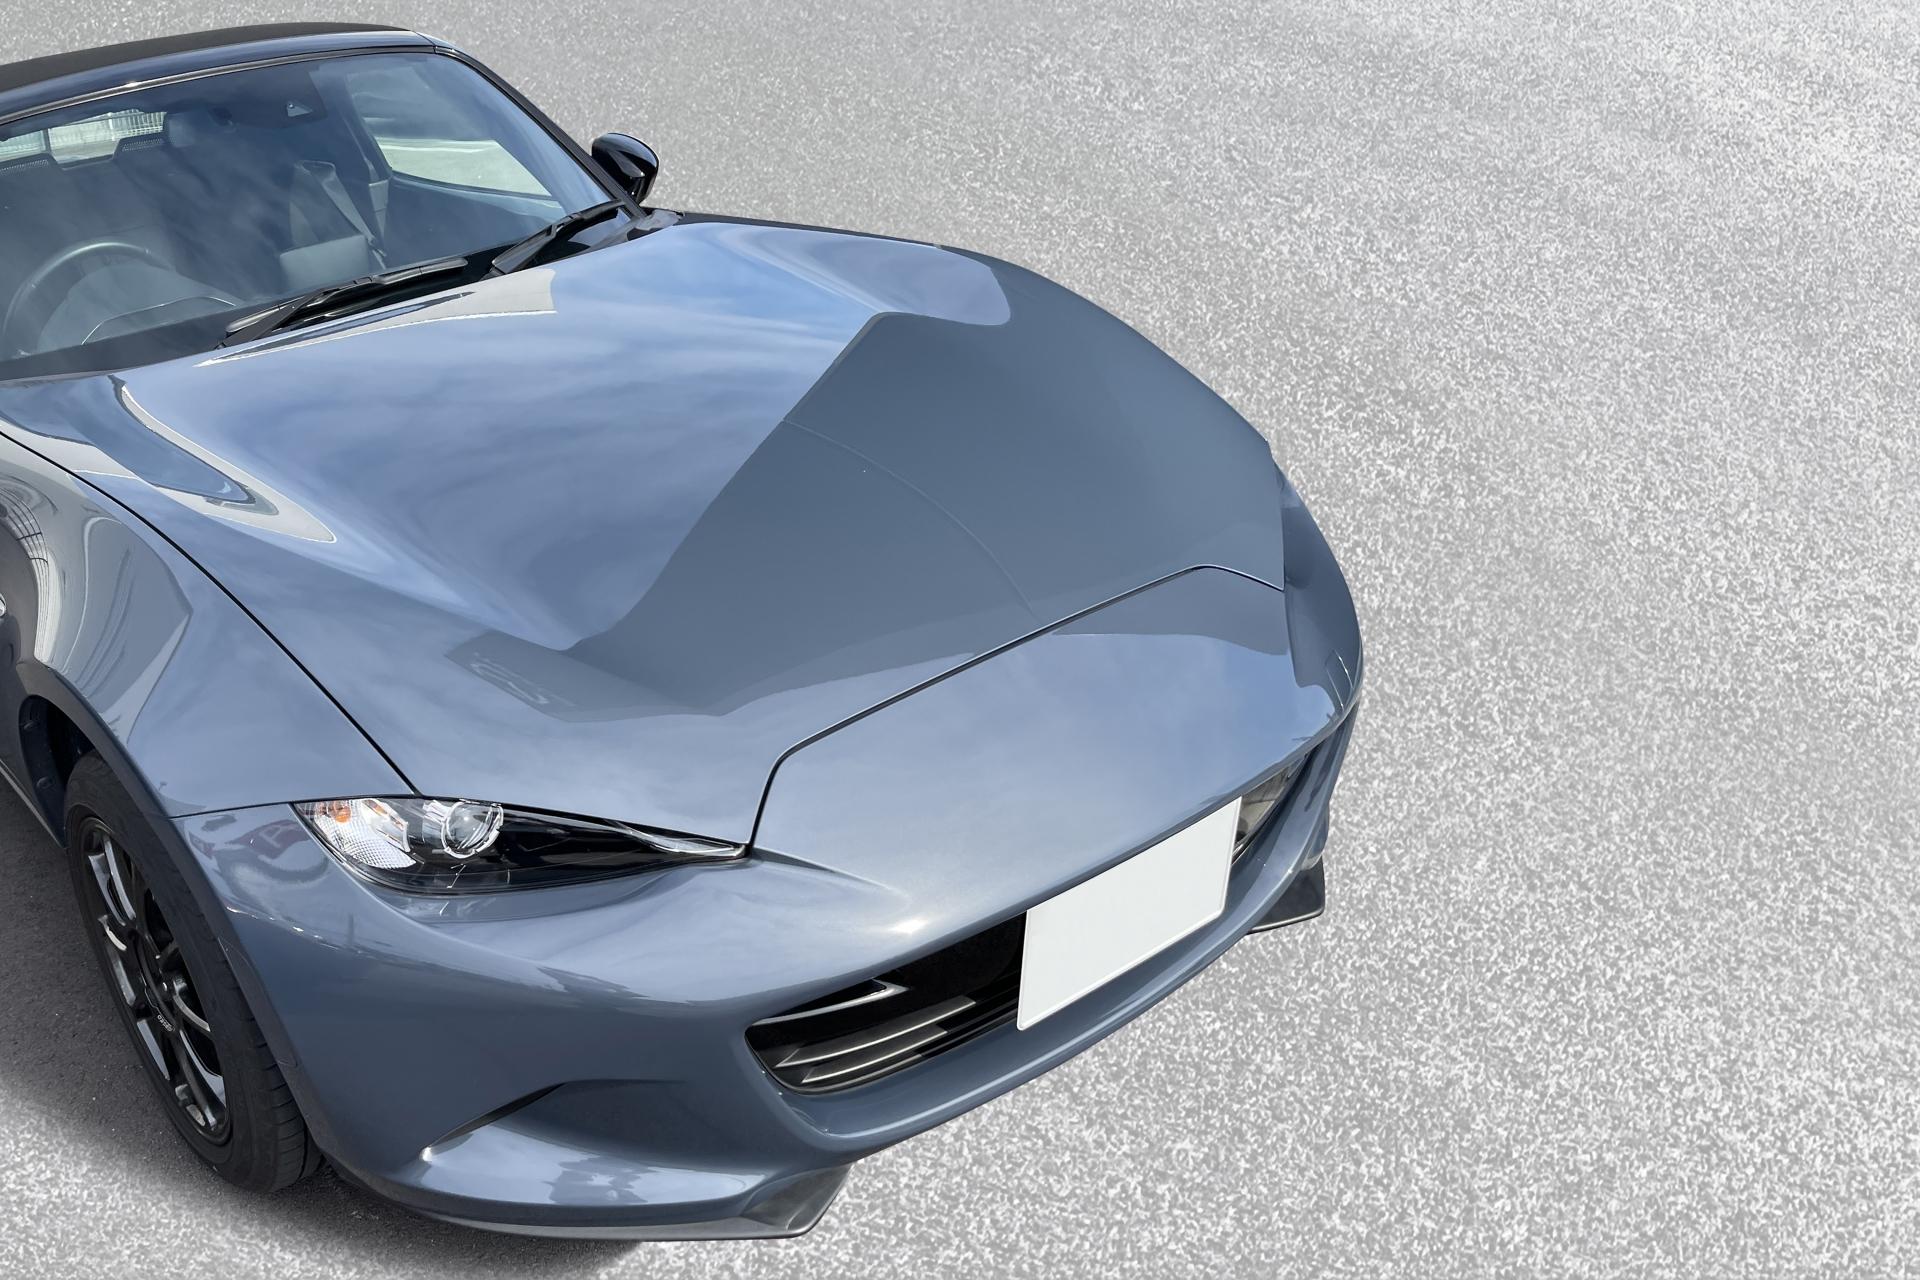 新車に付けたいおすすめオプション6選